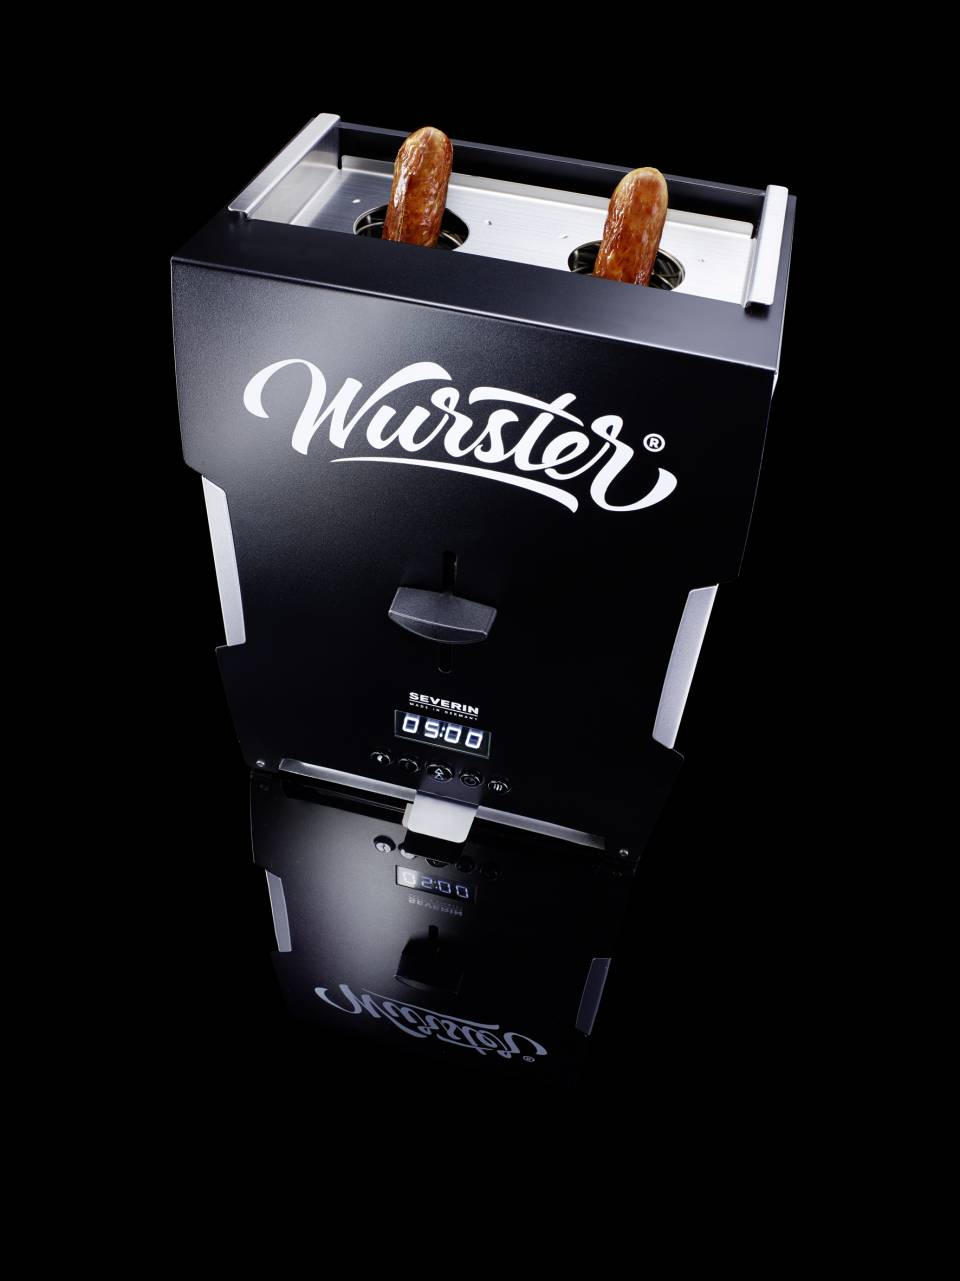 Der SEVERIN Wurster WT5000 für zwei Bratwürste